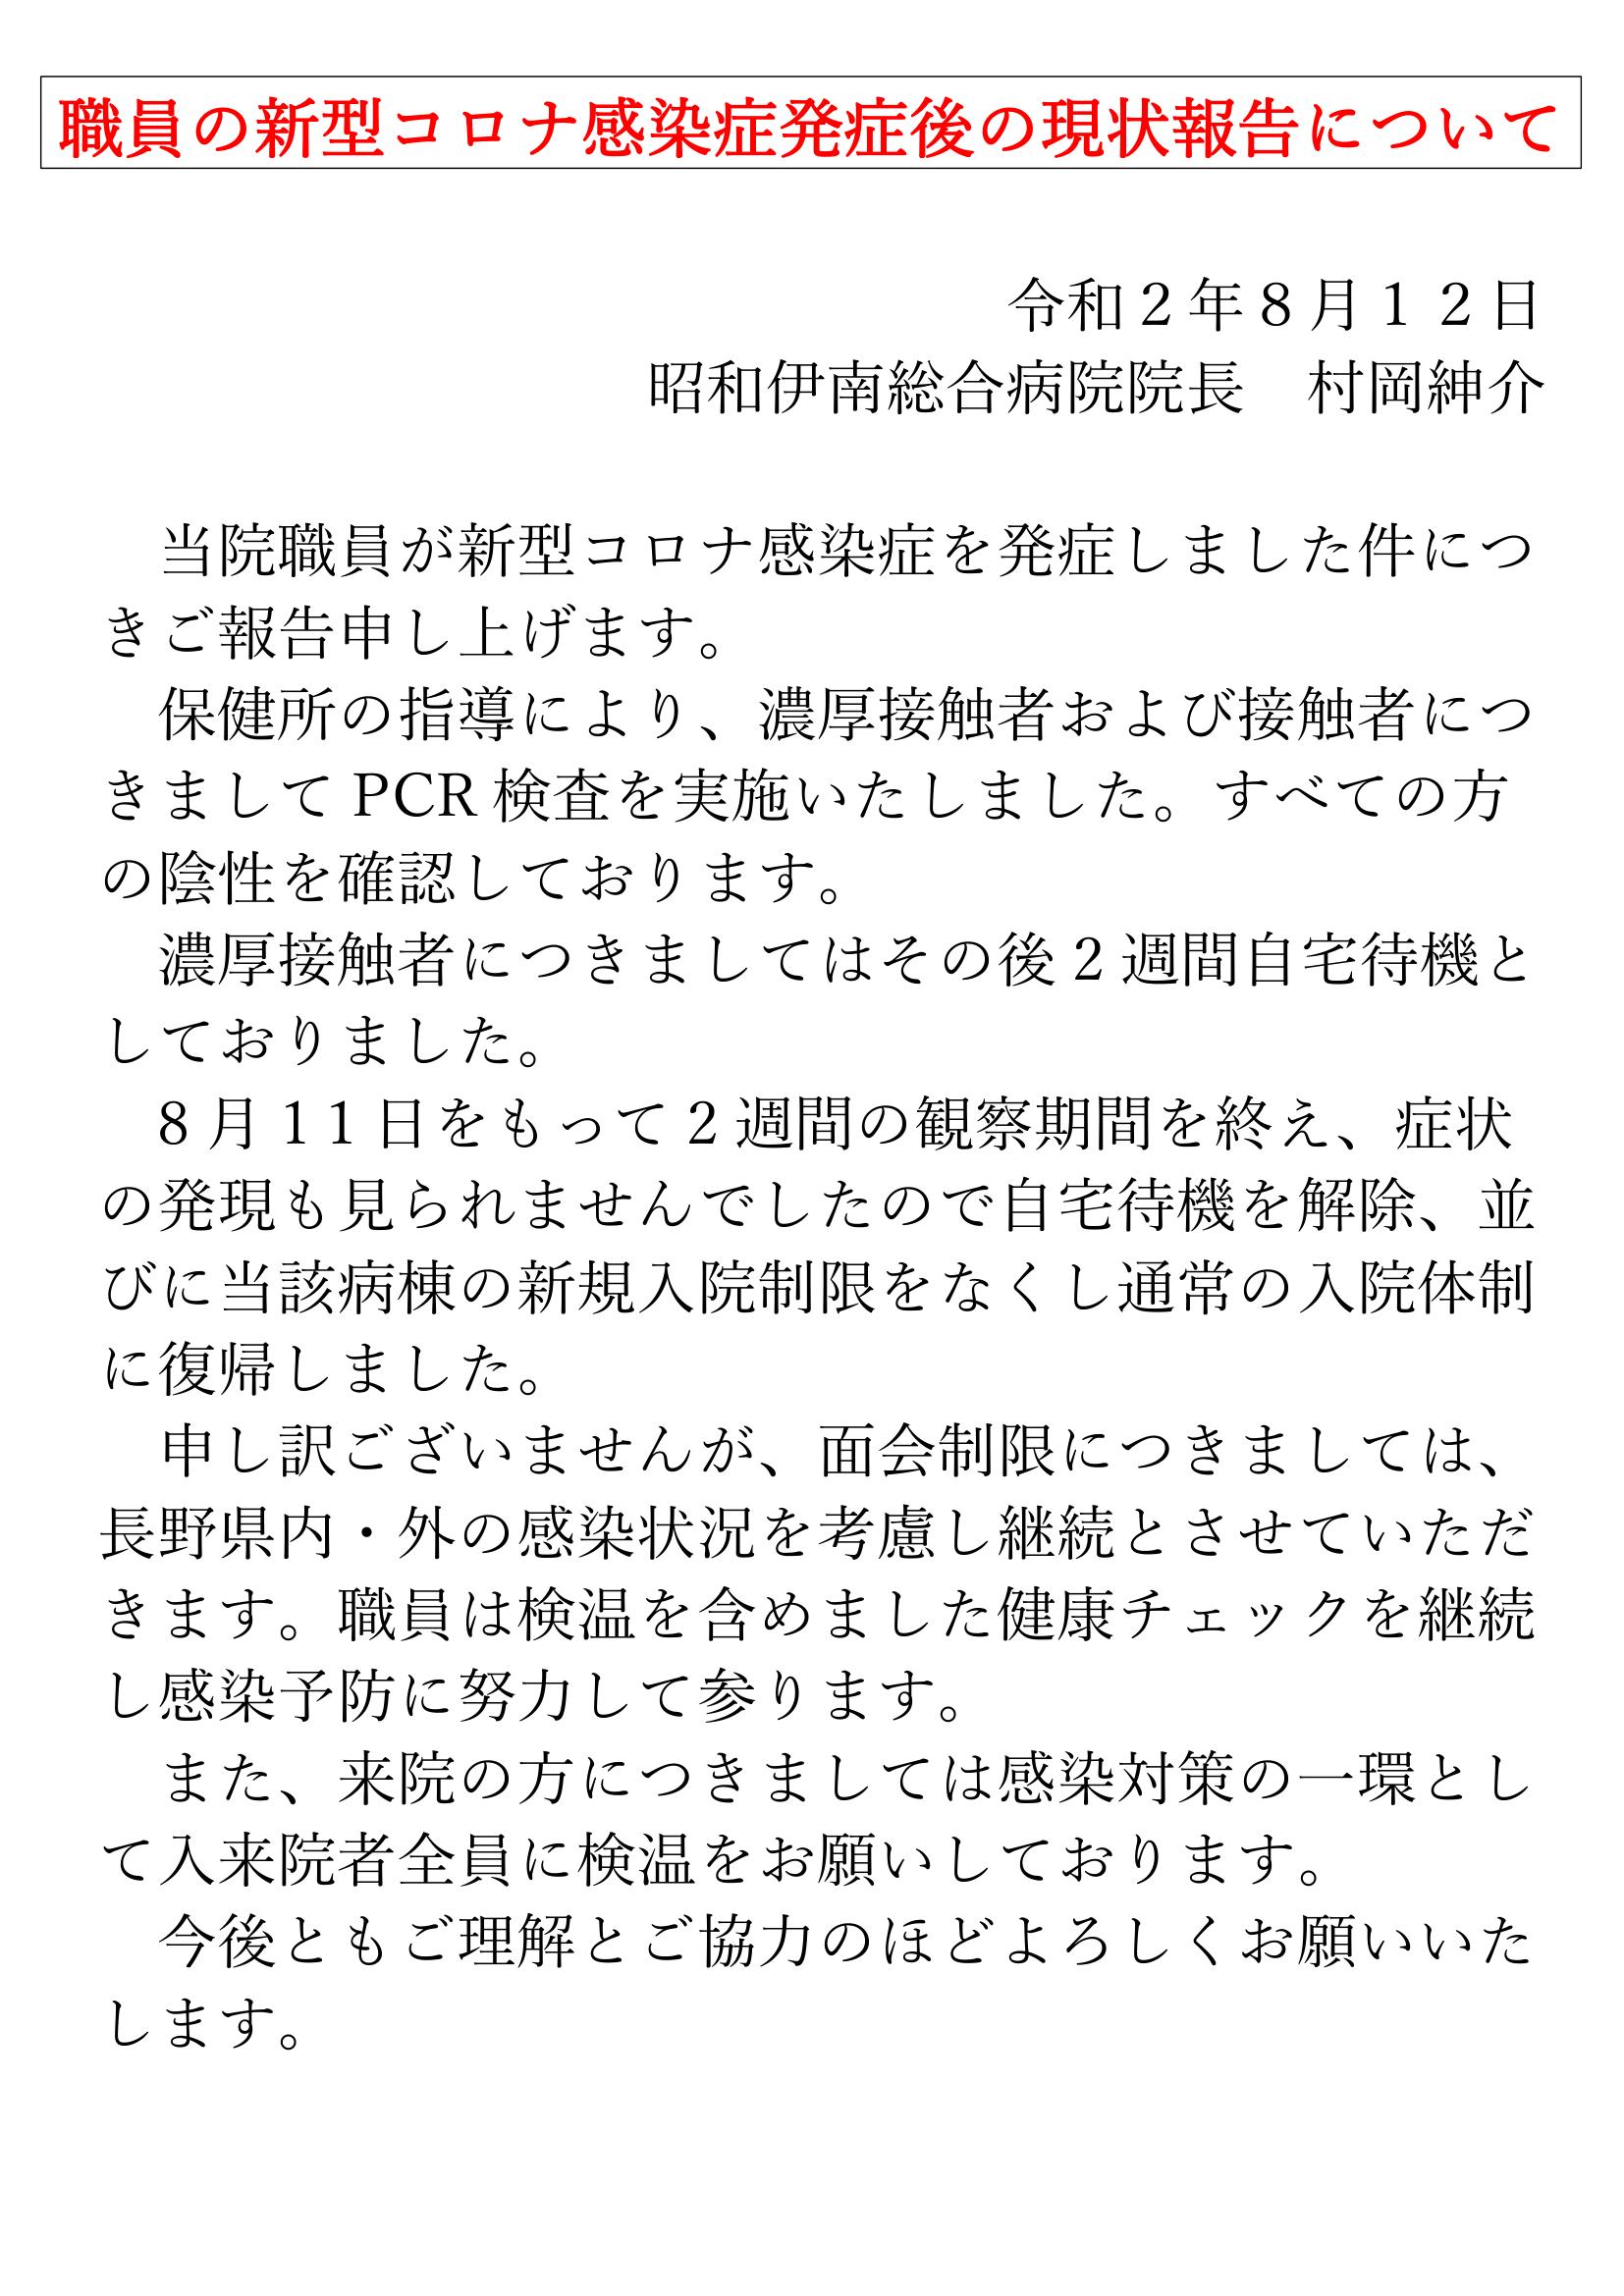 県 コロナ 受け入れ 病院 長野